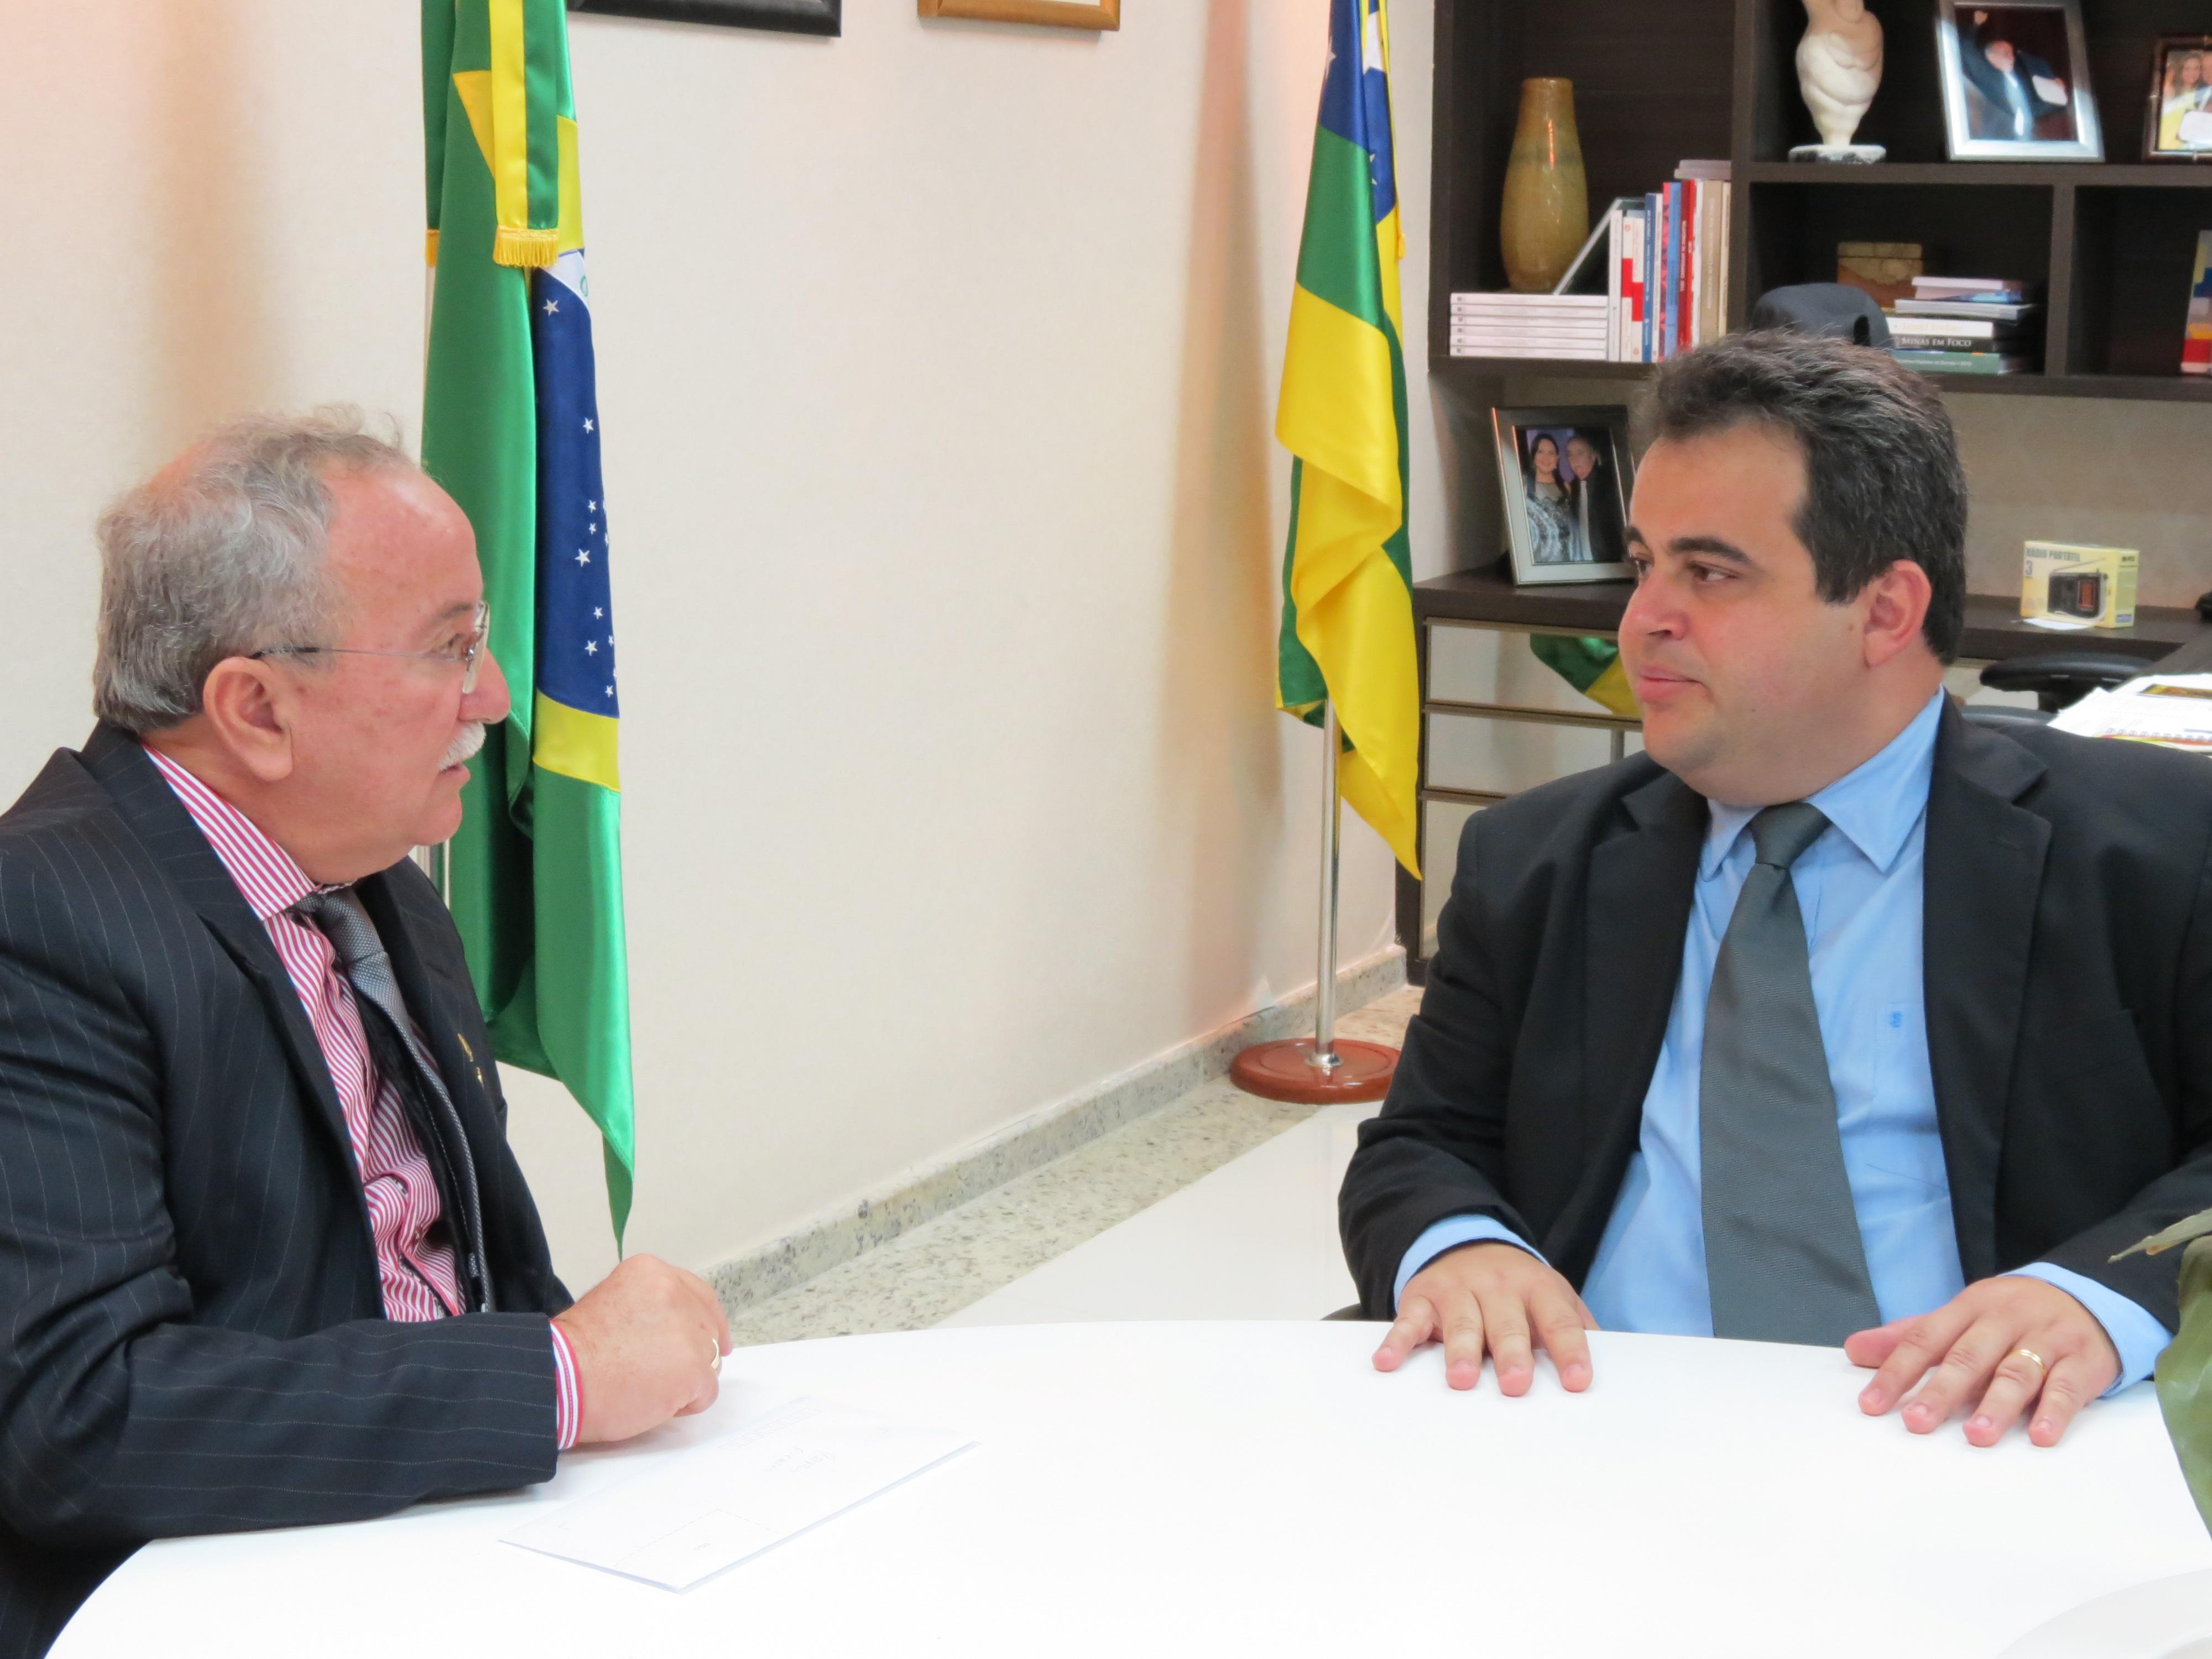 Assembleia Legislativa  e Câmara de Vereadores de Aracaju se reúnem para tratar do sinal aberto da TV Alese